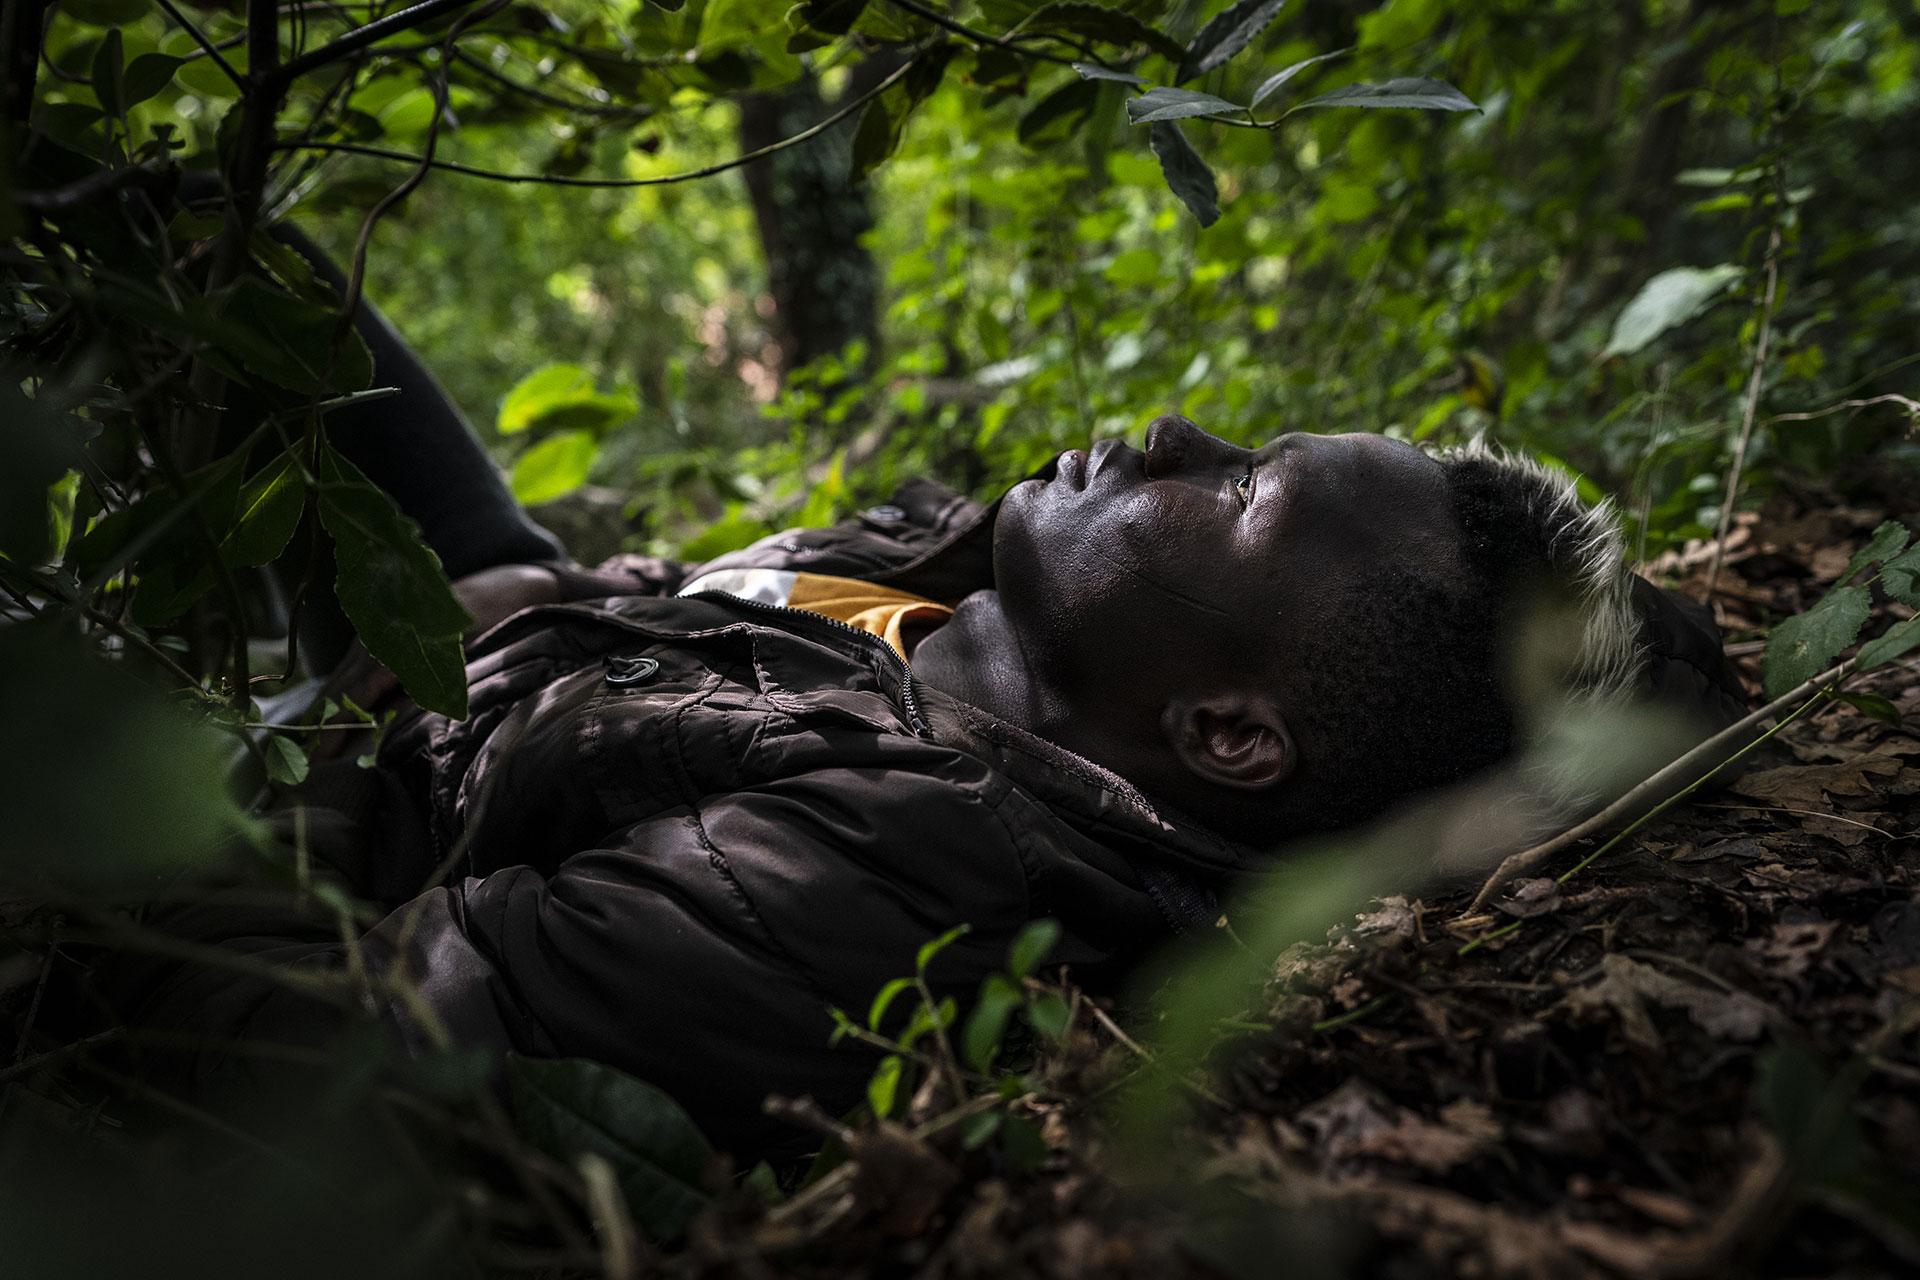 Un jóven espera escondido en un parque de Hendaya antes de intentar llegar a la ciudad de Bayona, 15 de Septiembre de 2019.